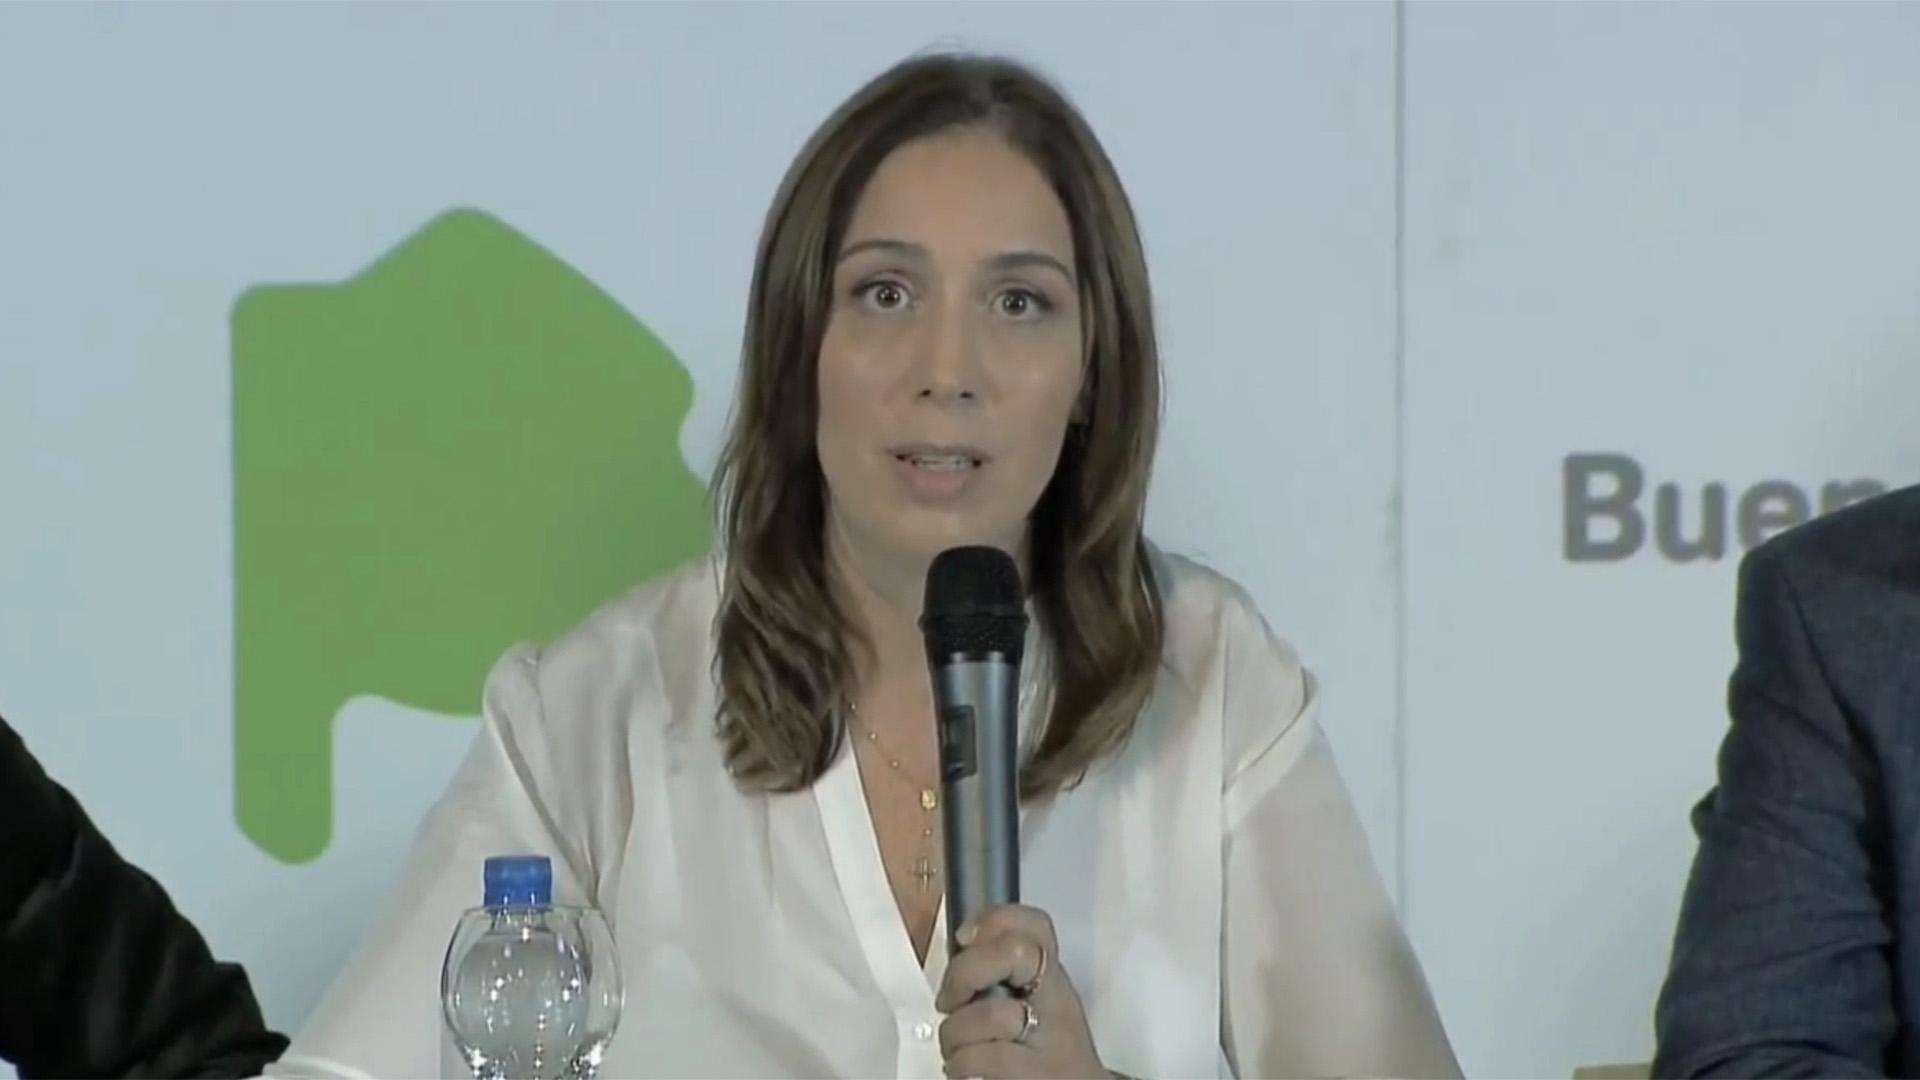 Acción coordinada. Luego del mensaje de Macri, María Eugenia Vidal anunció la baja de impuestos